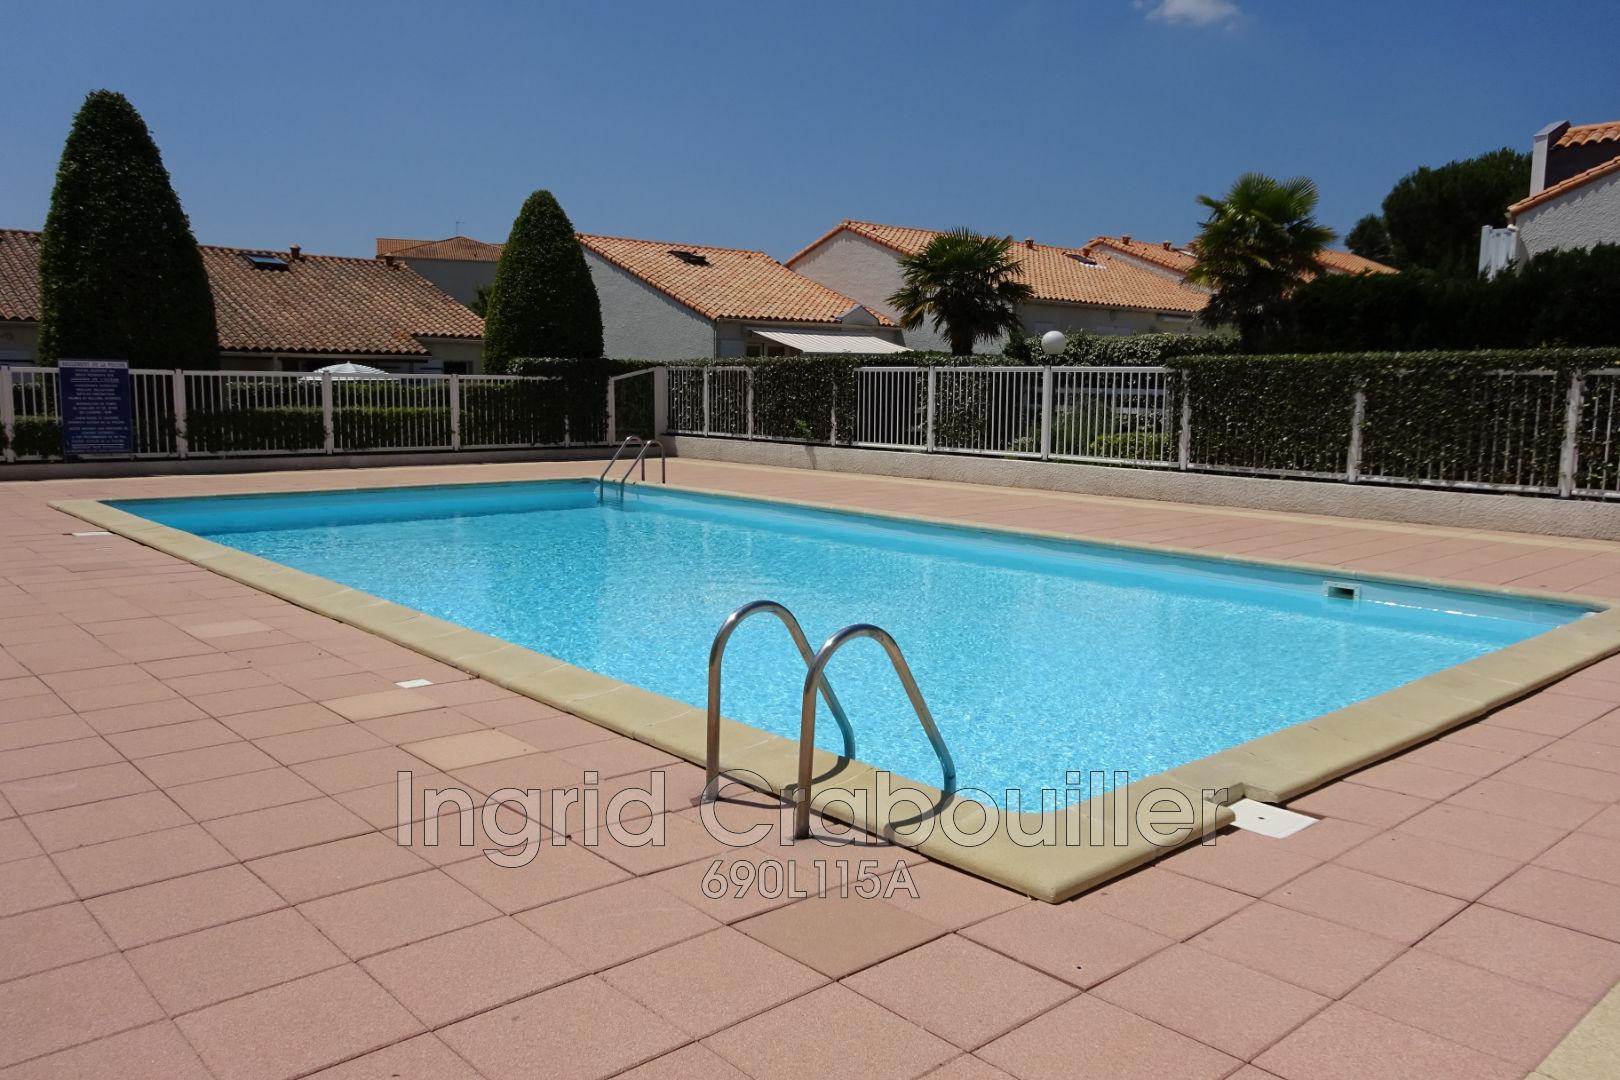 Location saisonnière appartement Vaux-sur-Mer - réf. 690L115A